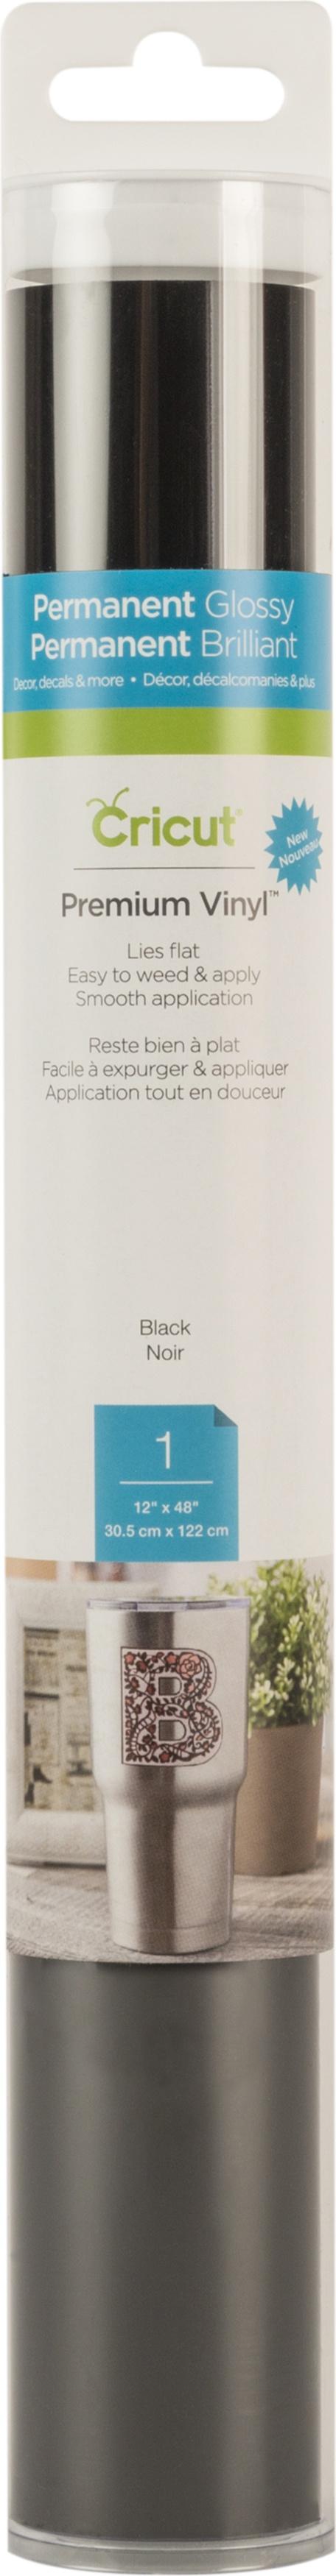 BLACK     -CRICUT VINYL 12X48